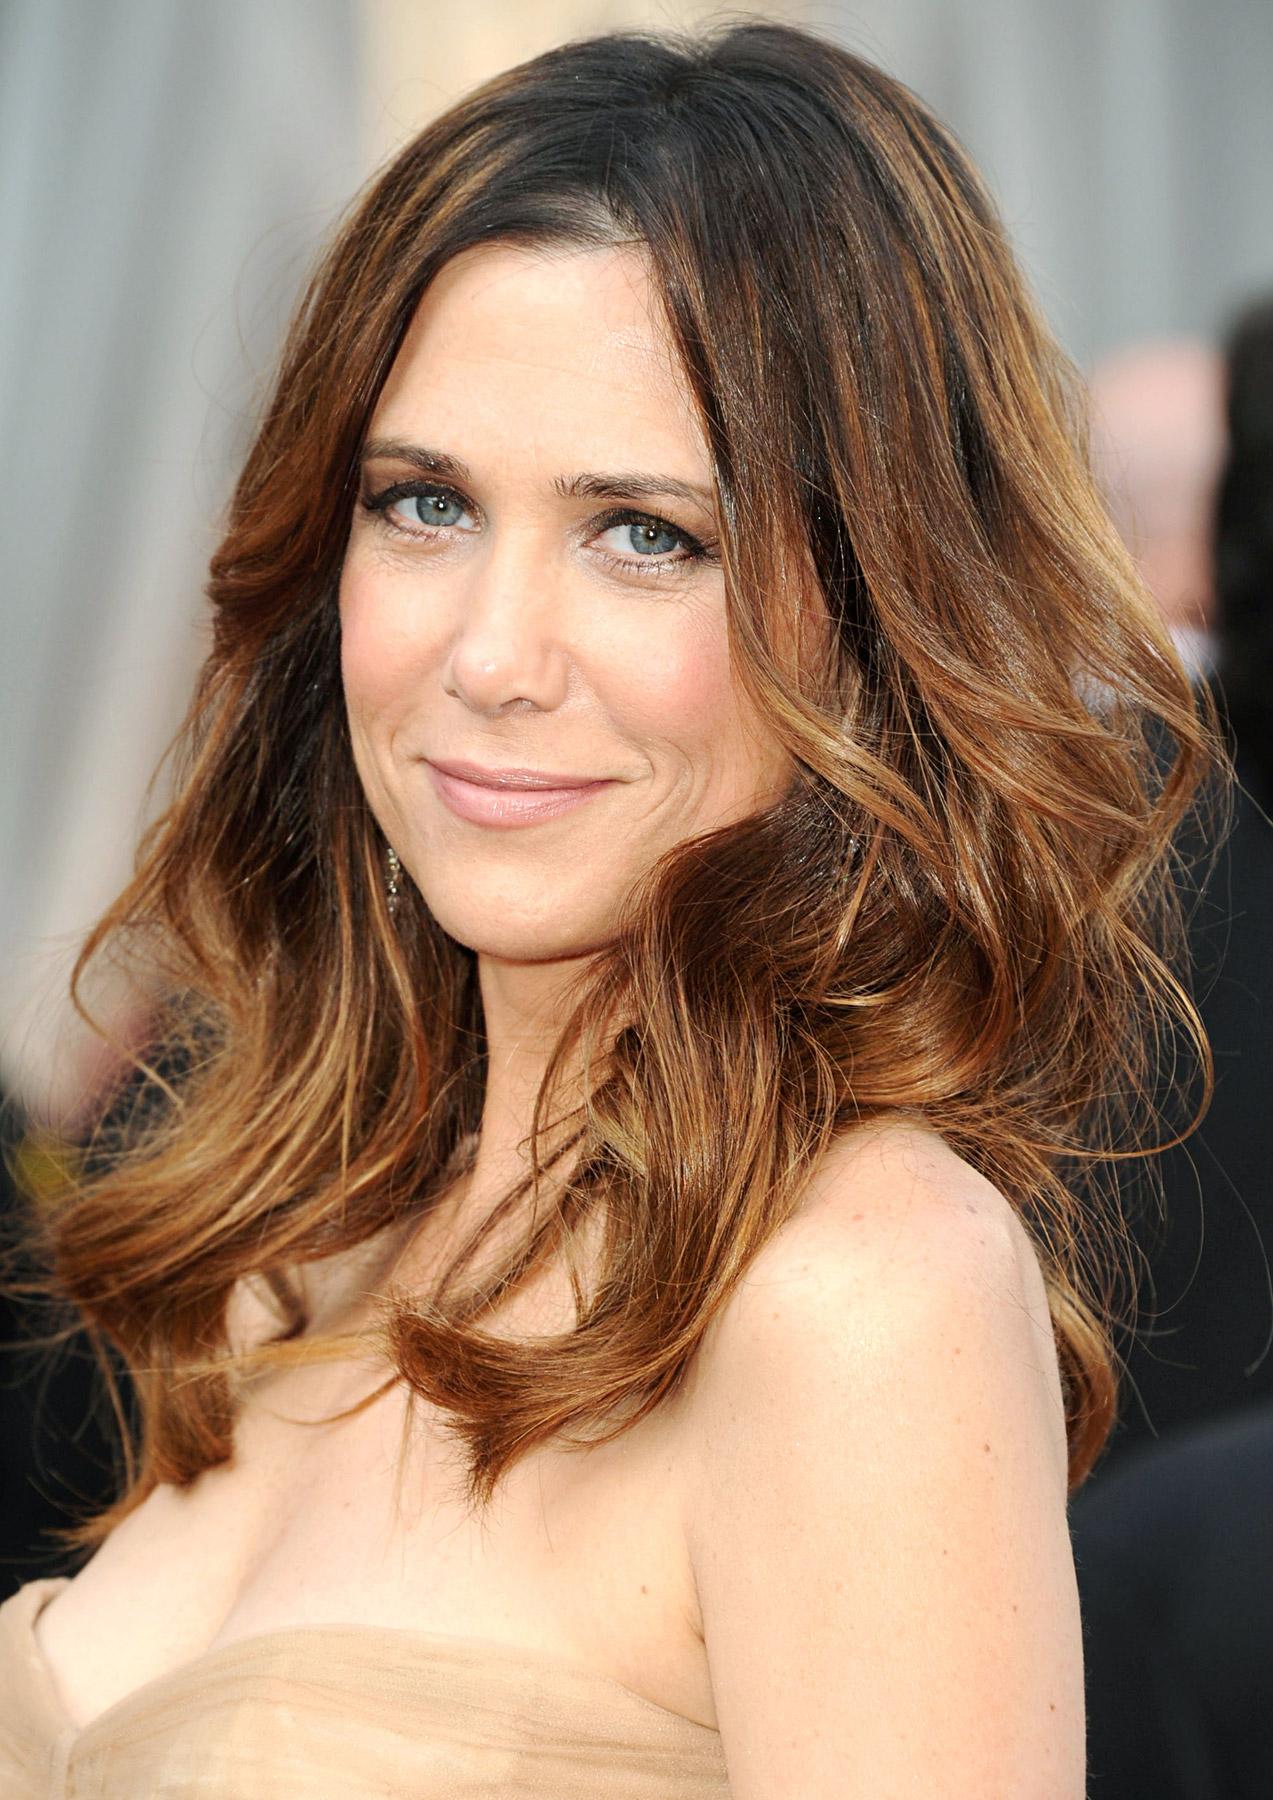 TV Actress Kristen Wiig - age: 47